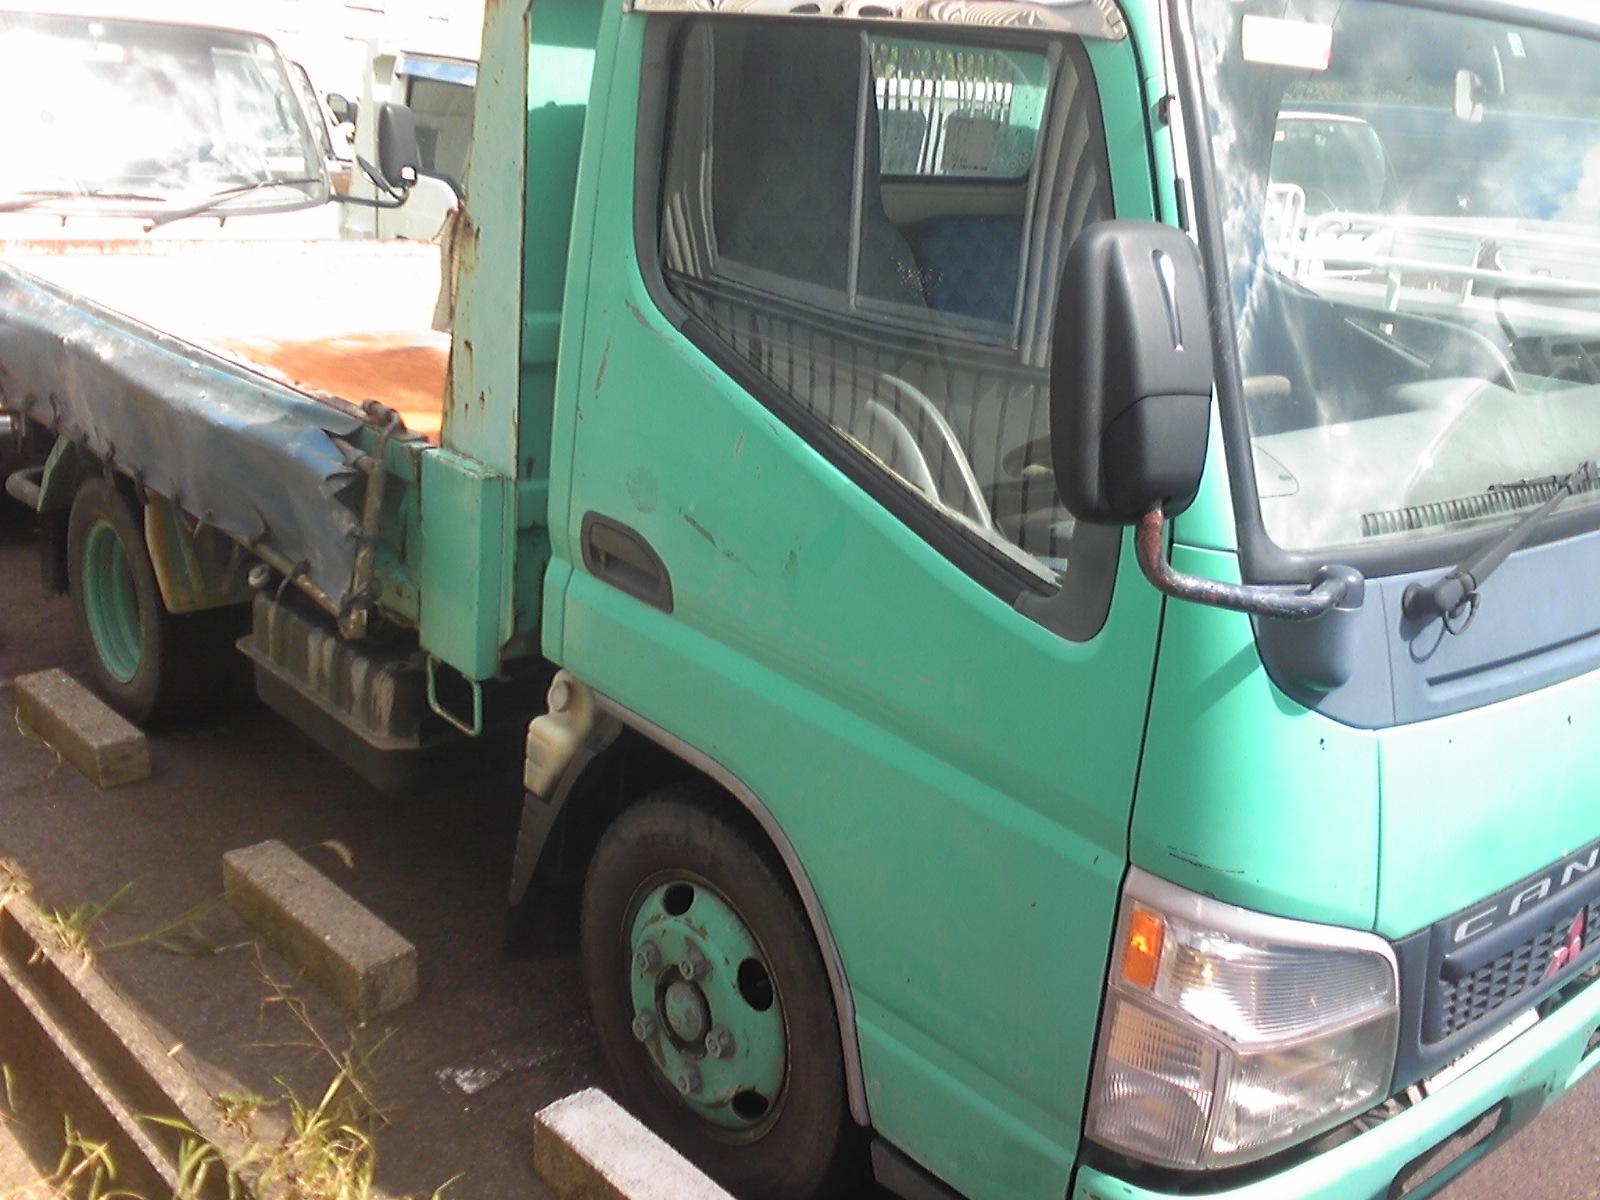 Canter truck sale double cabin 4wd japan import jpn car - Model Fe71bd